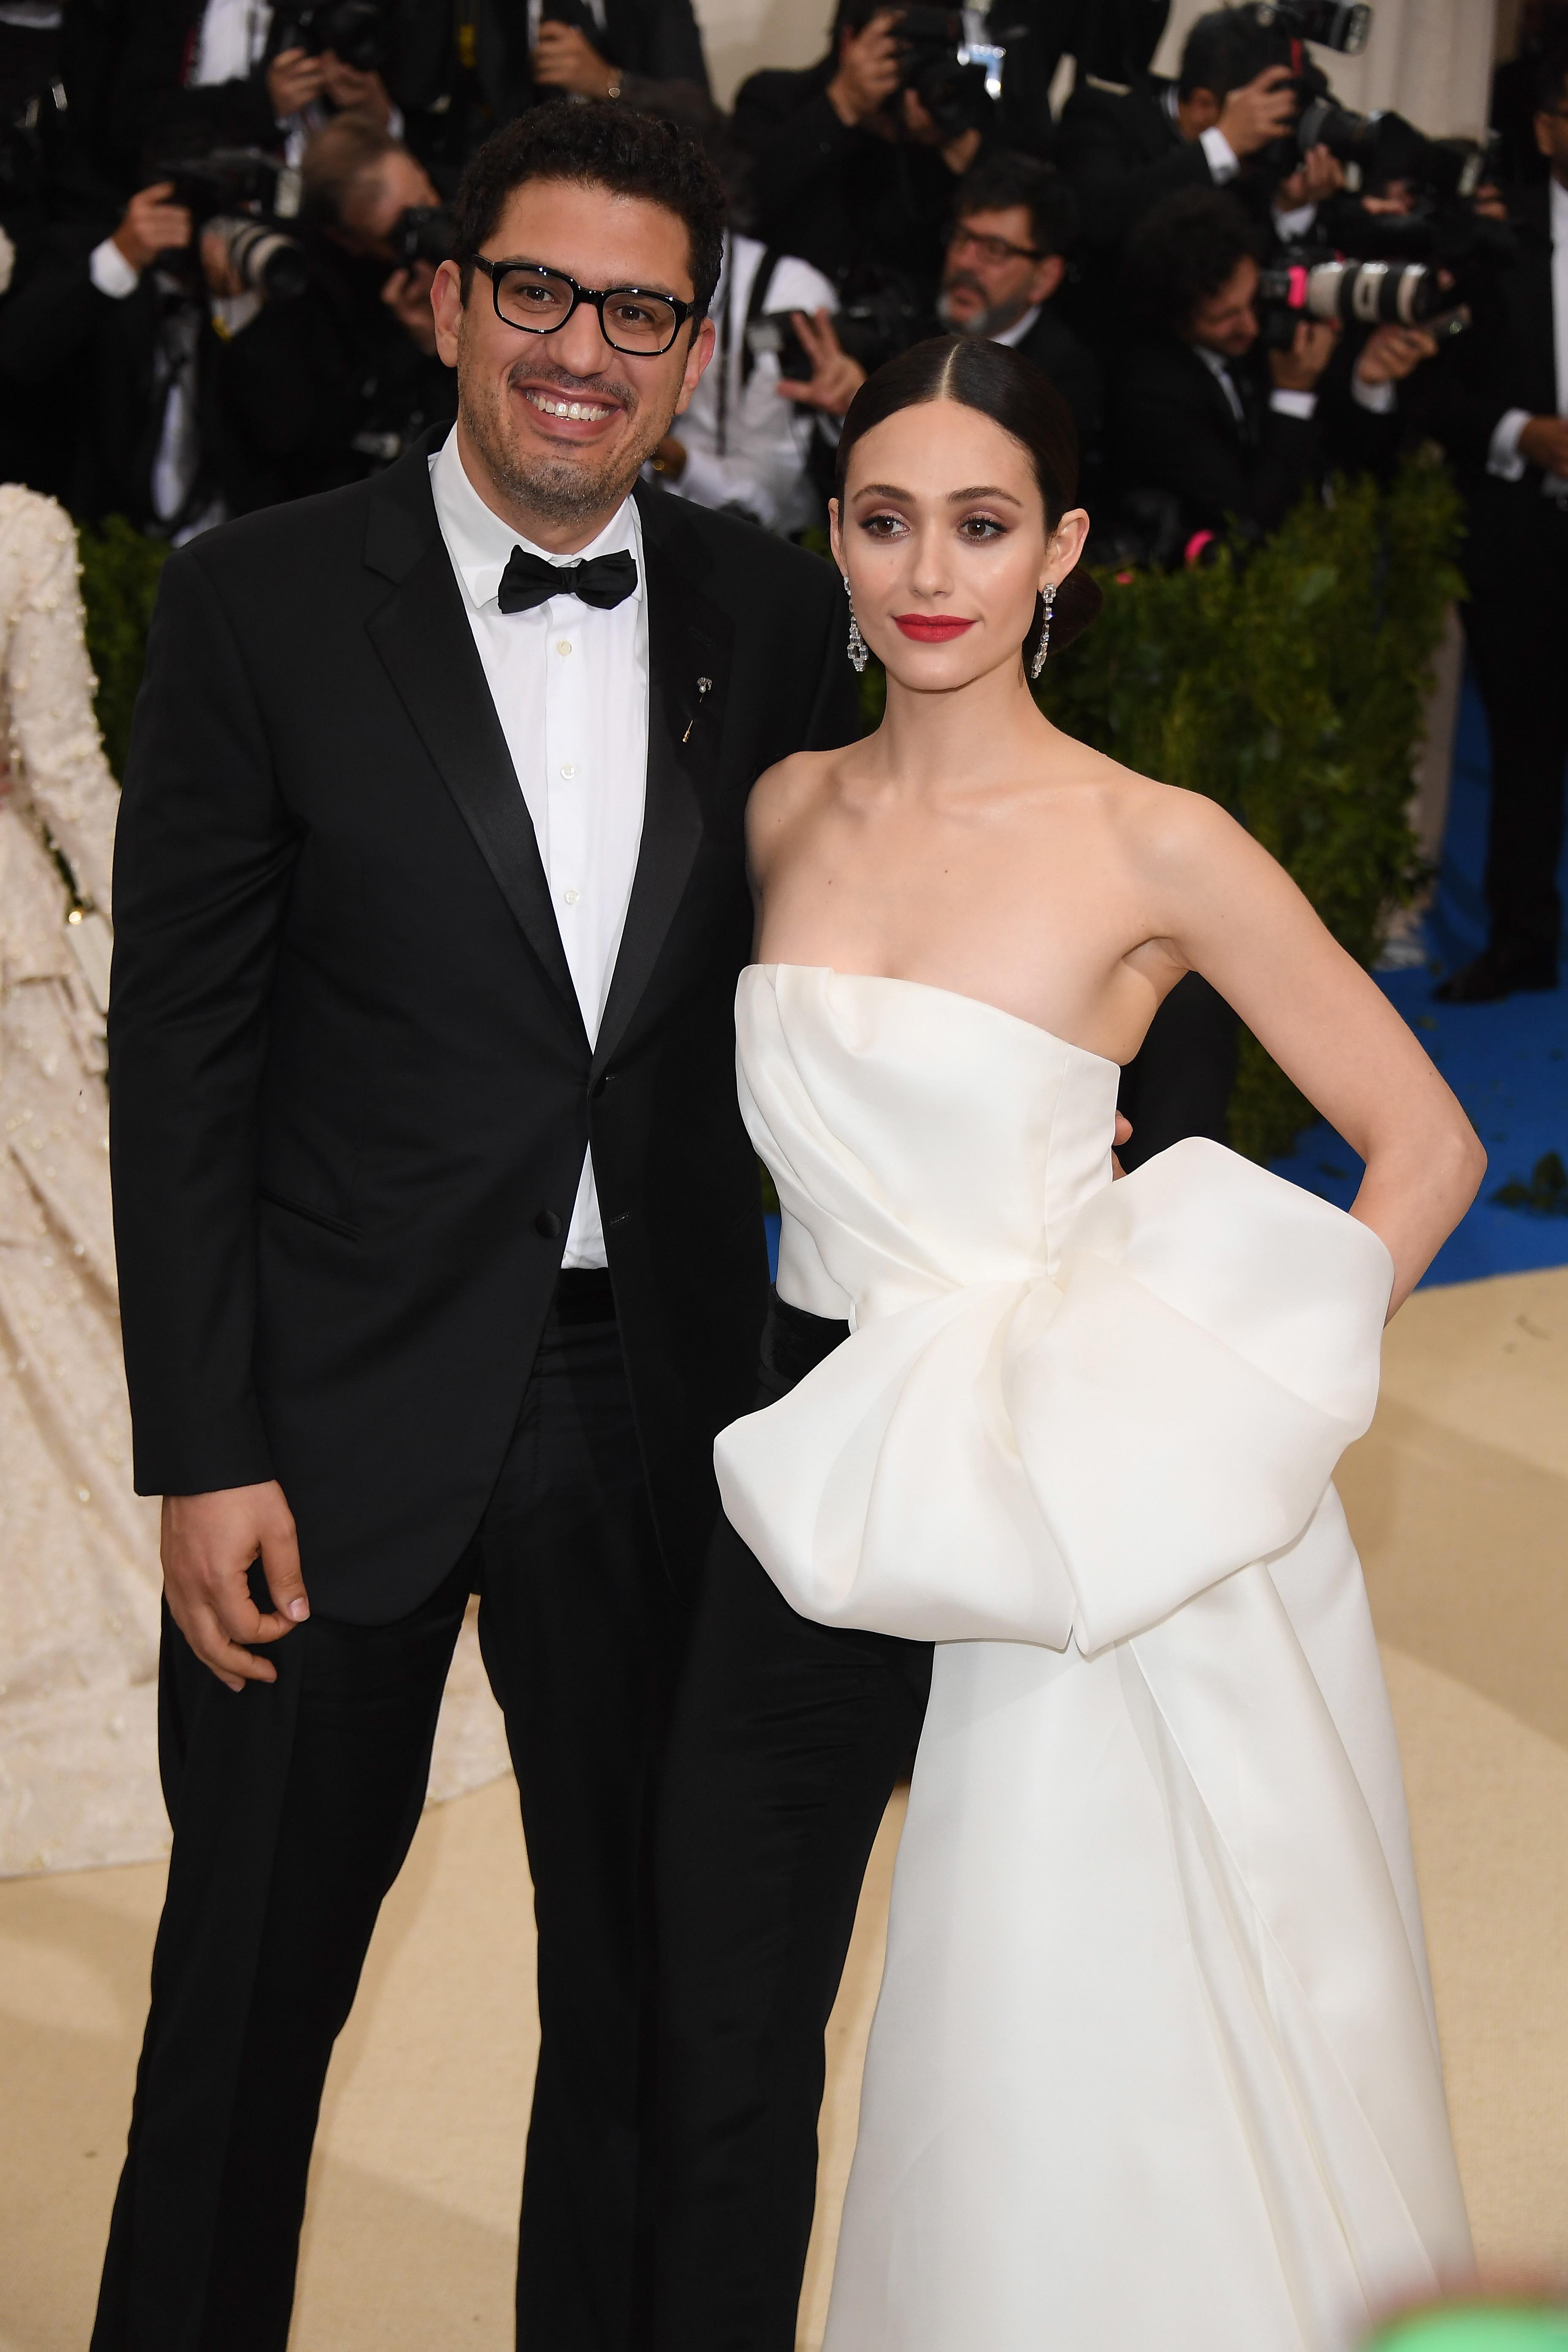 Emmy Rossum Marries Sam Esmail